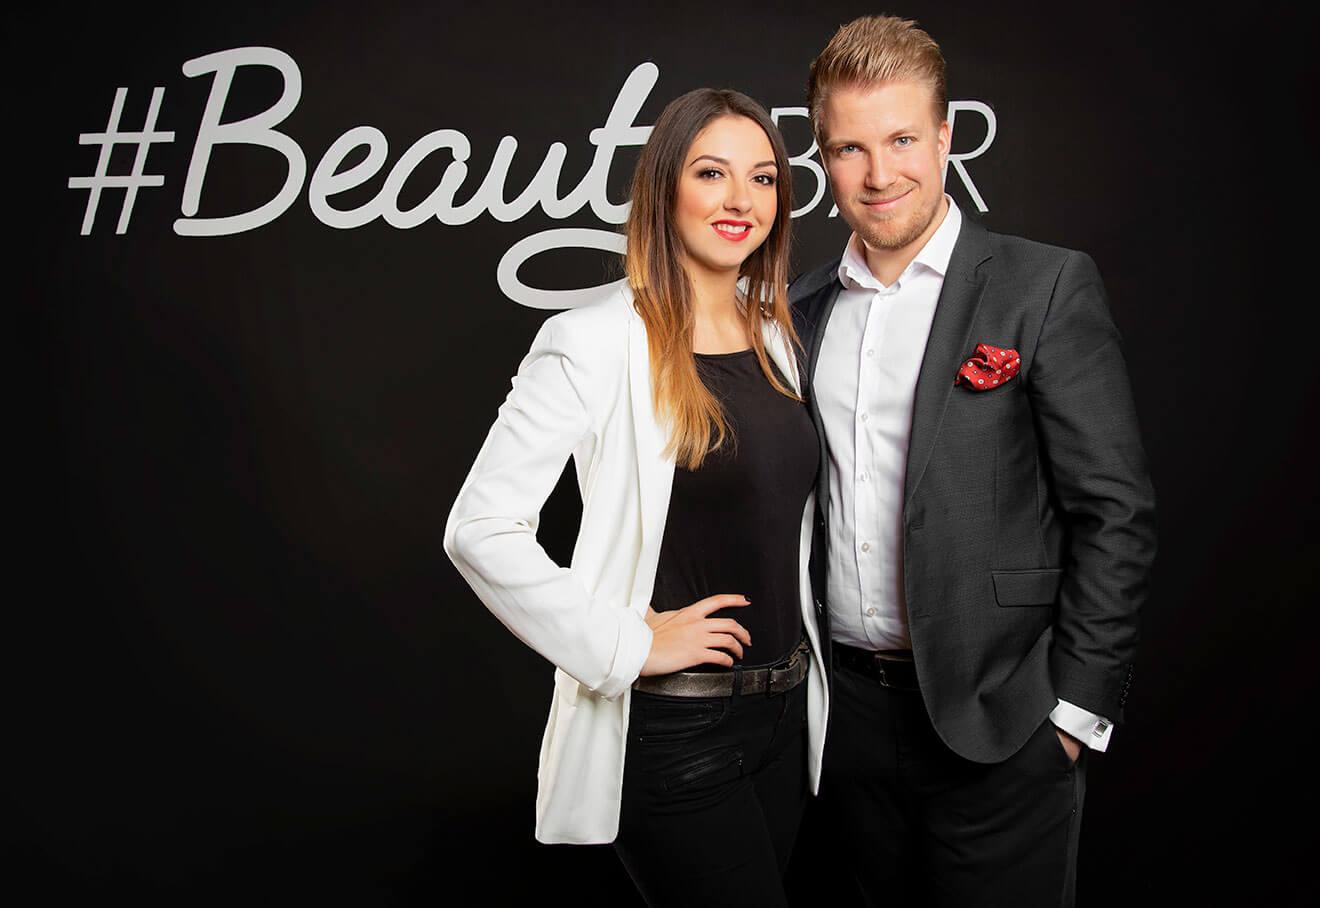 hashtag-beautybar-academy-slider-unsere-5-erfolgsgeheimnisse